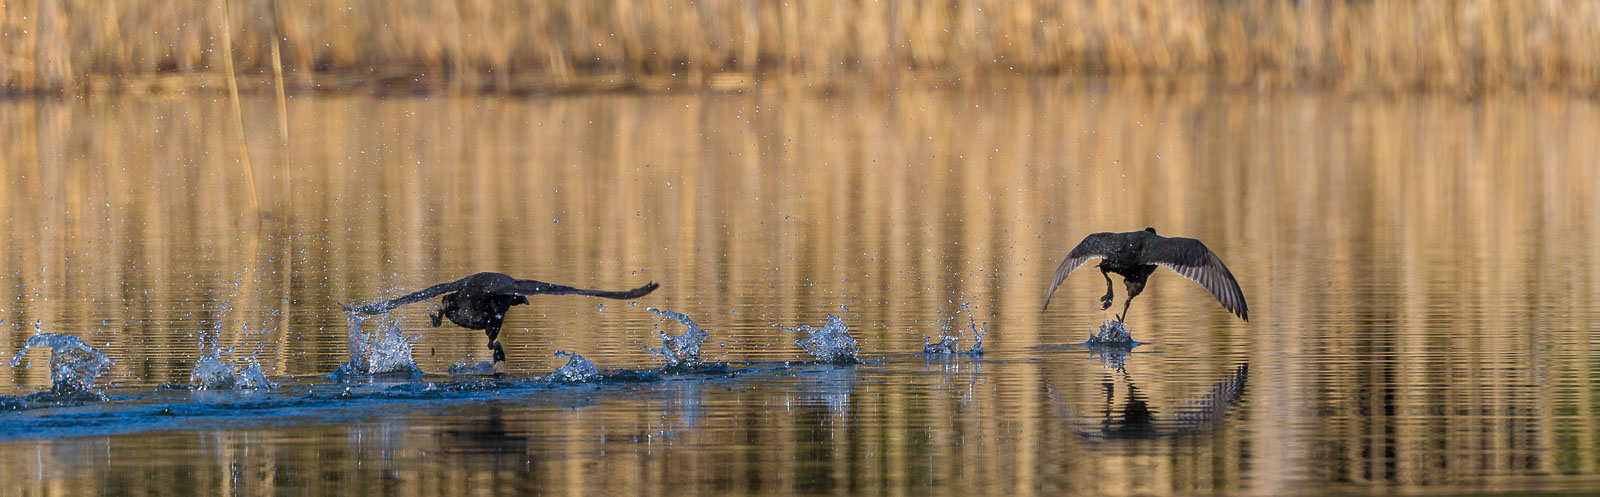 Sothönejakt över spegelblank sjö